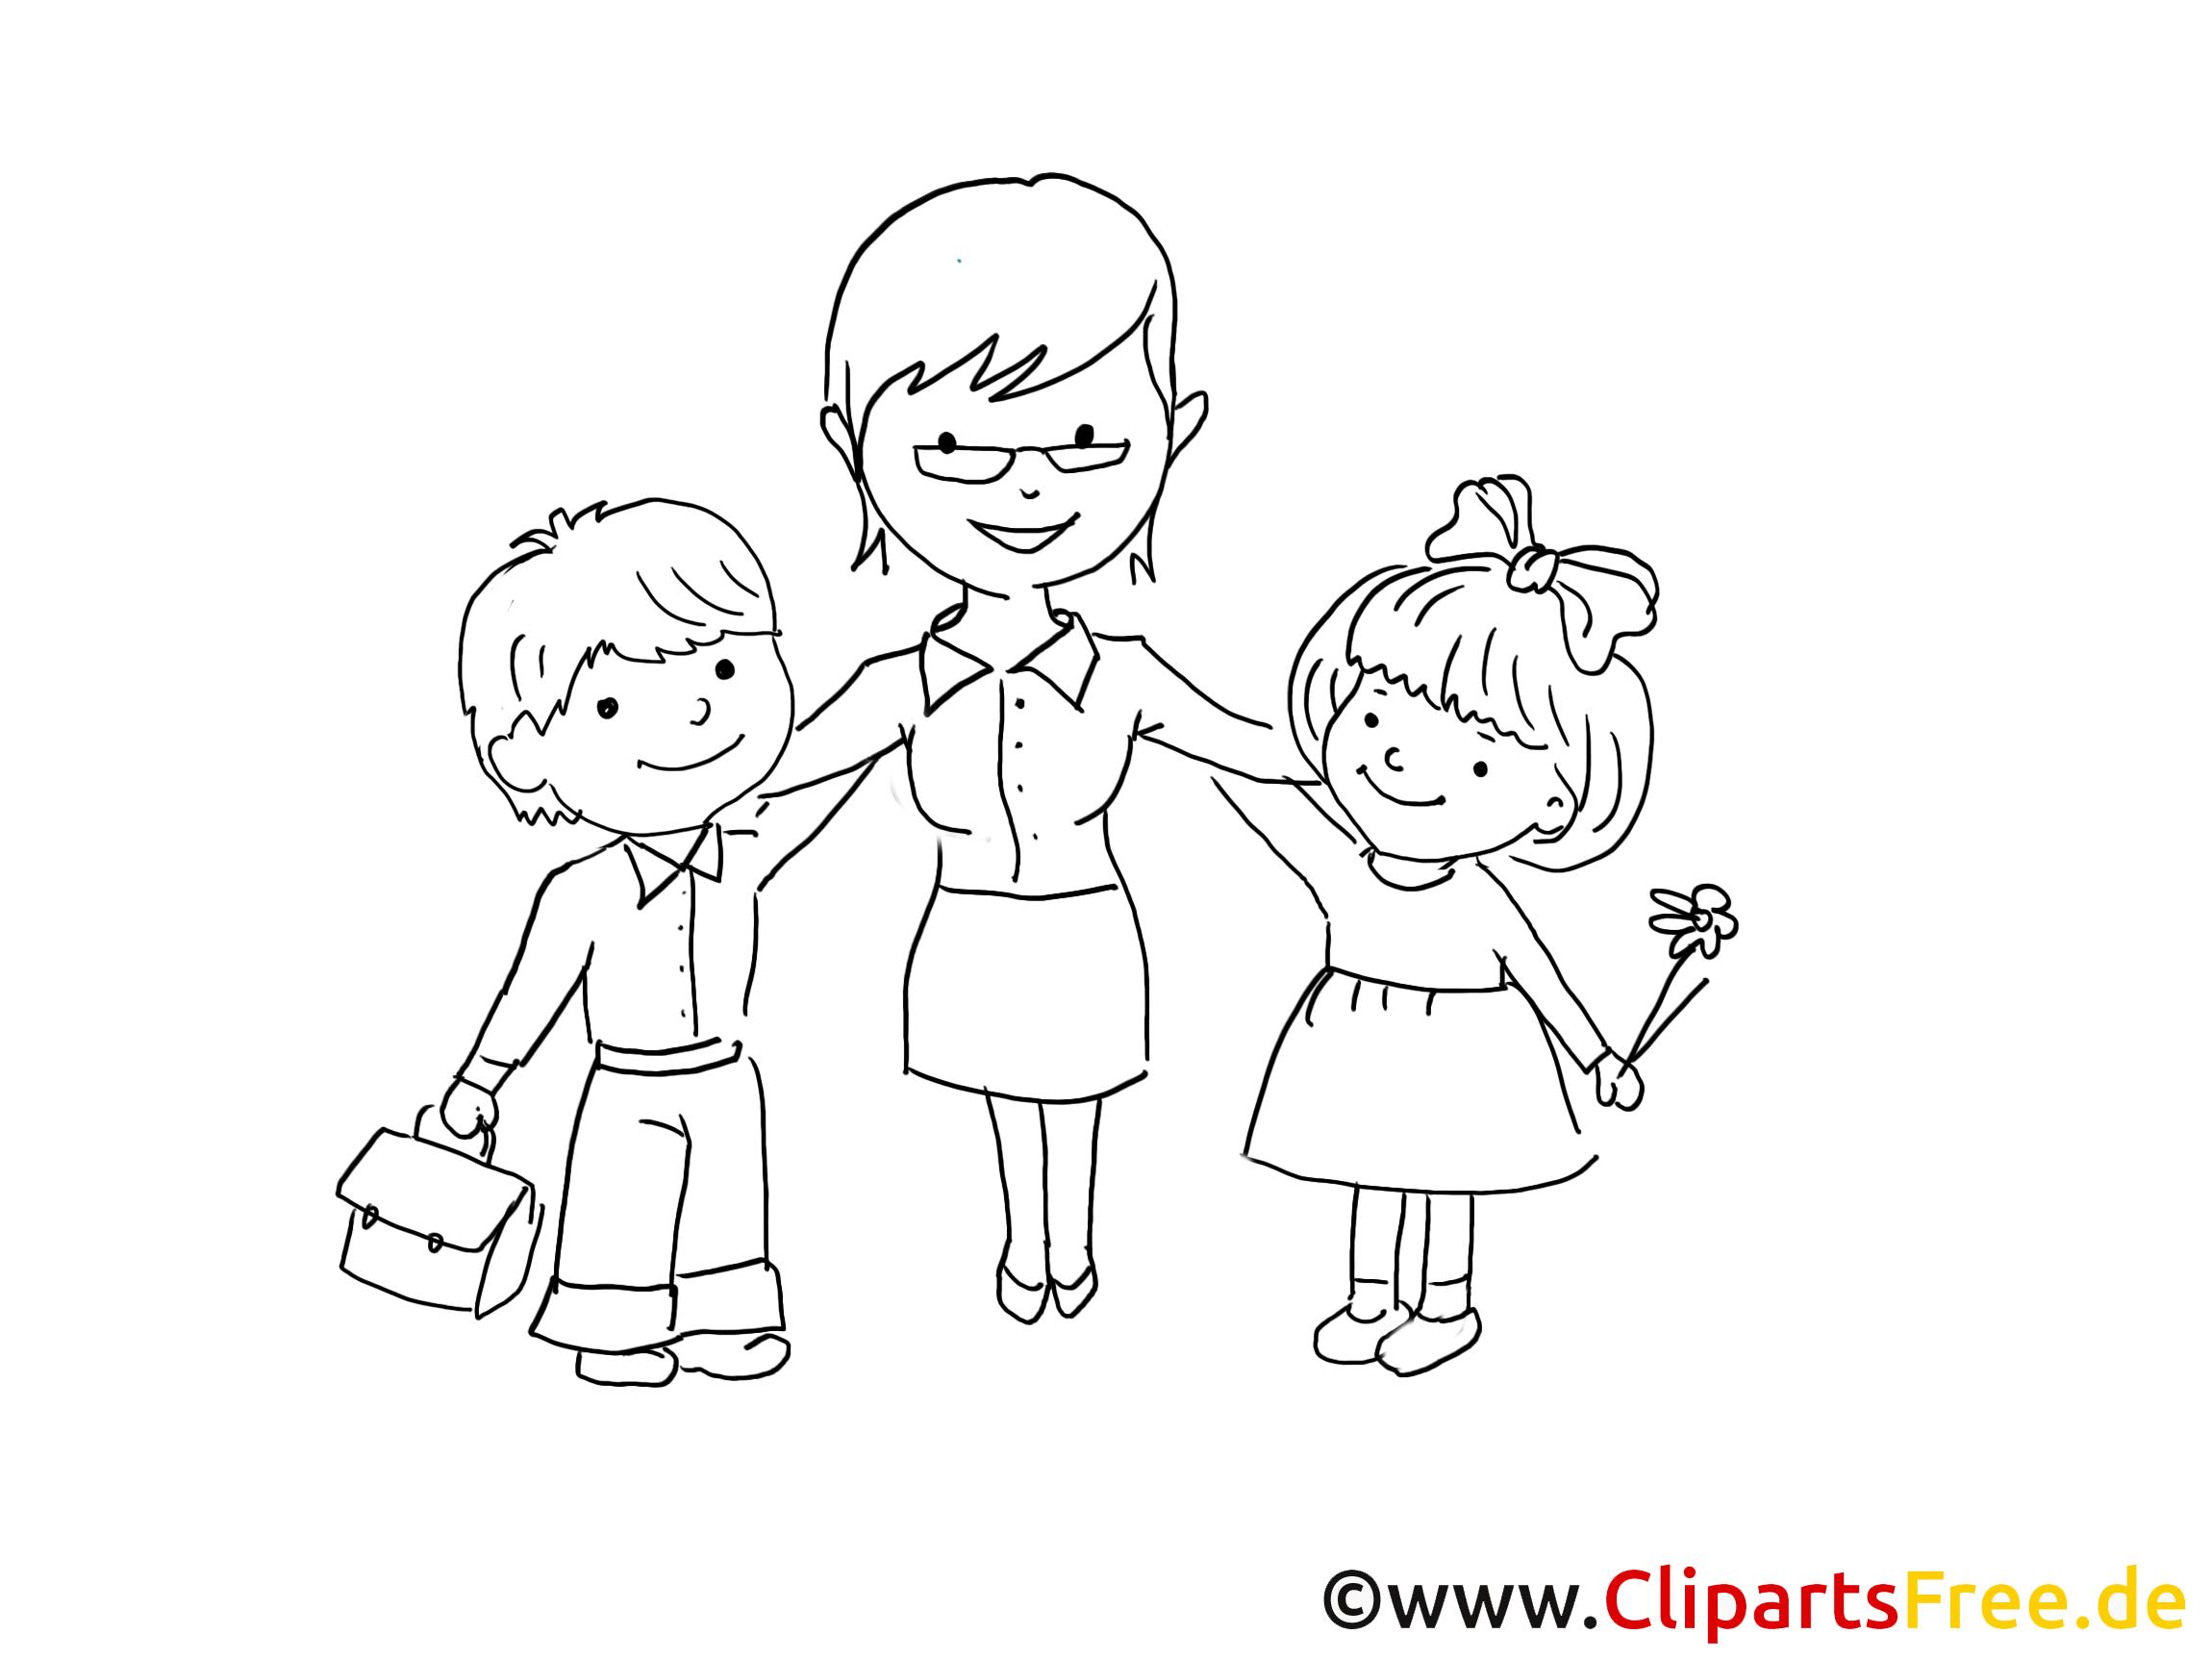 Schule clipart schwarz weiß  Grundschule Zeichnung, Bild schwarz-weiss, Clipart, Comic, Cartoon ...